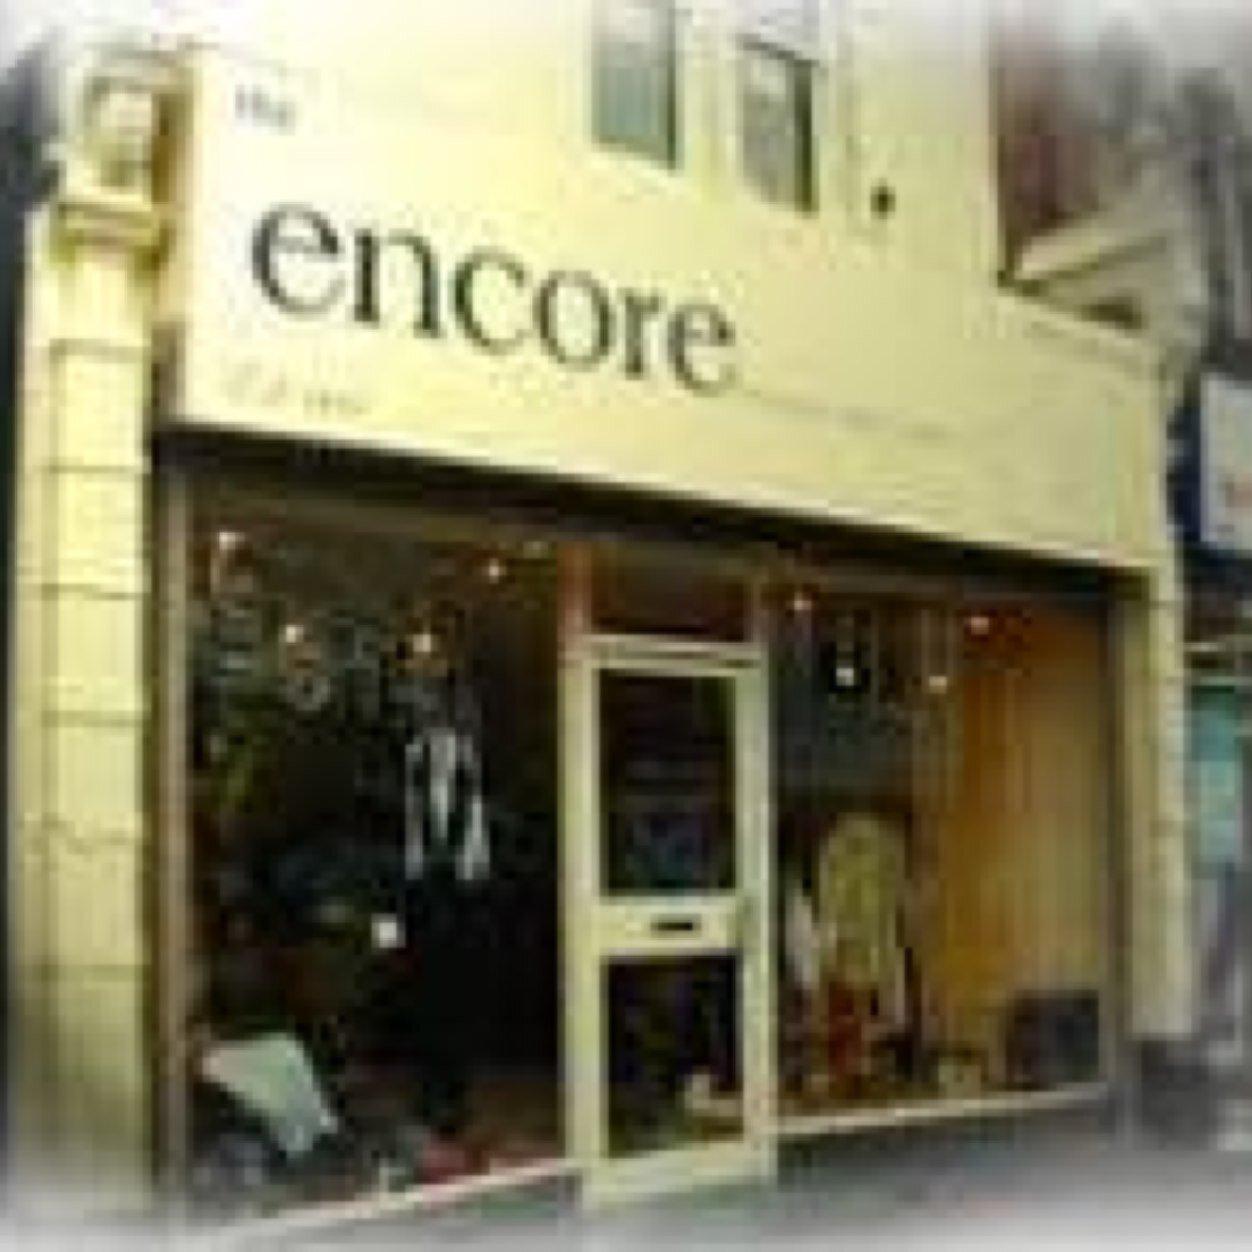 The dress agency - Encore Dress Agency